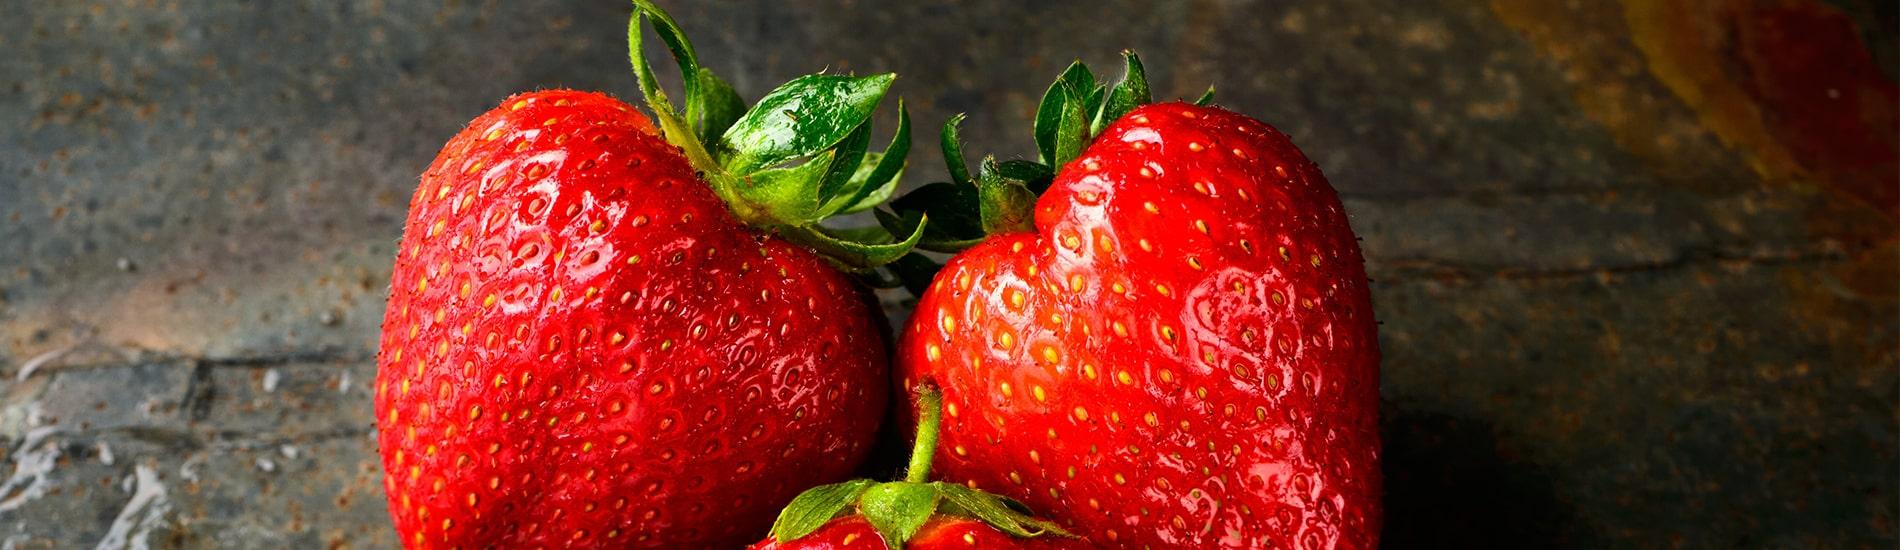 Γιατί η φράουλα είναι πολύτιμη;